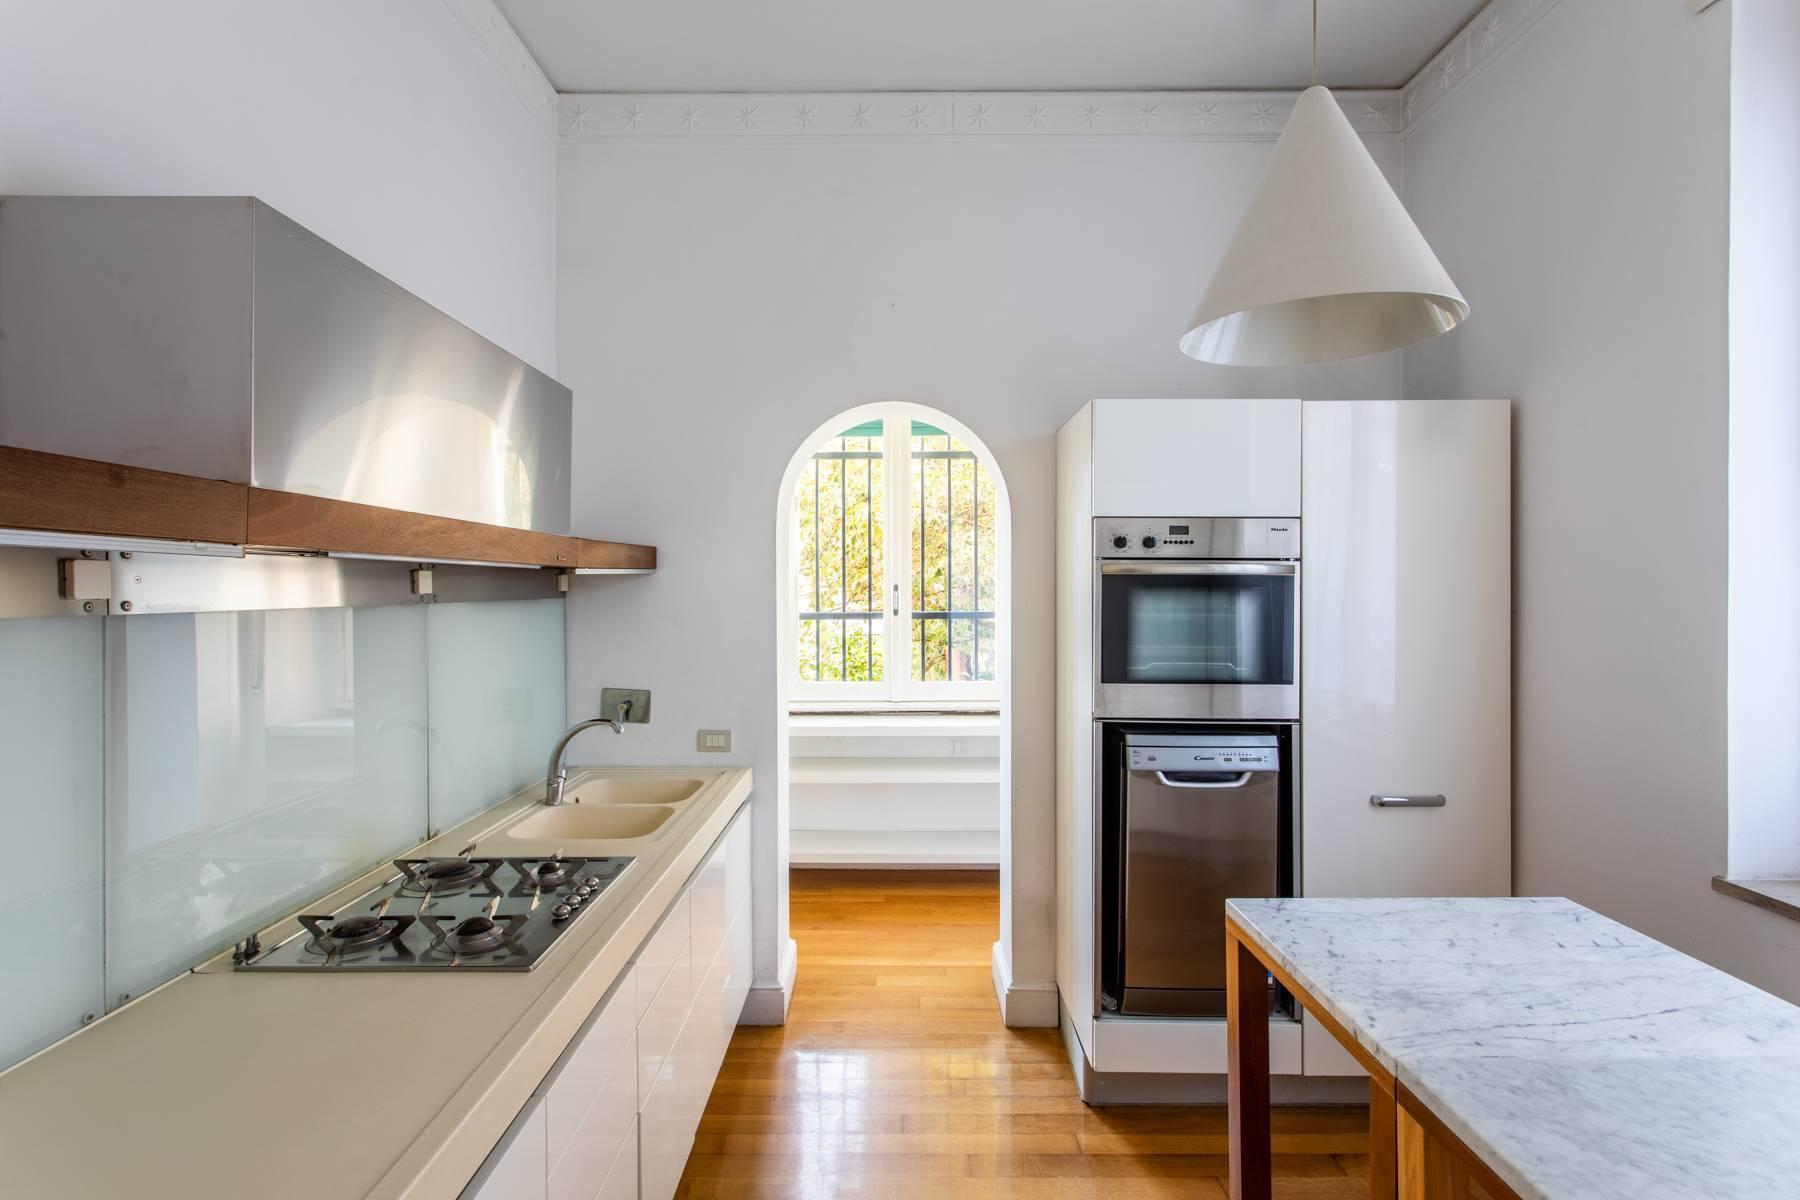 Appartement élégant avec vue sur le jardin - 11